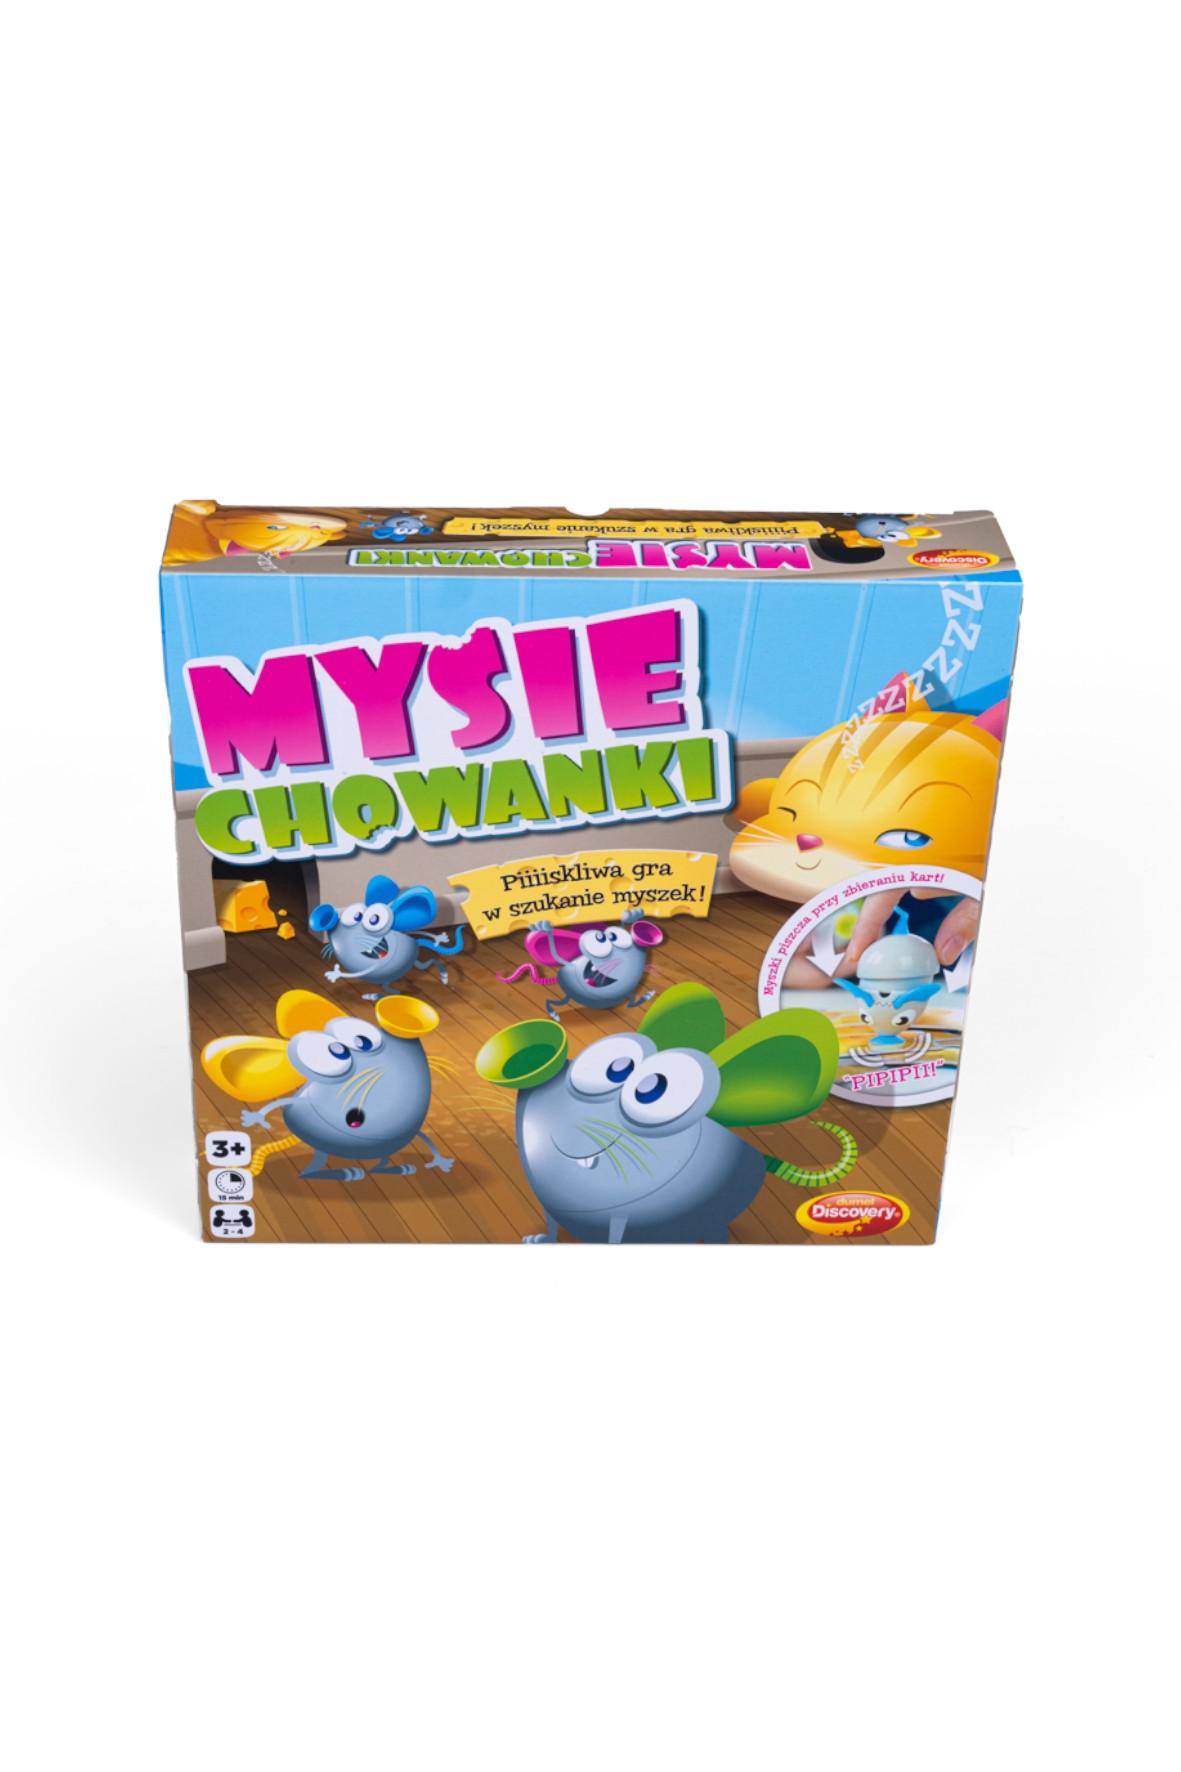 Gra Mysie Chowanki wiek 3+